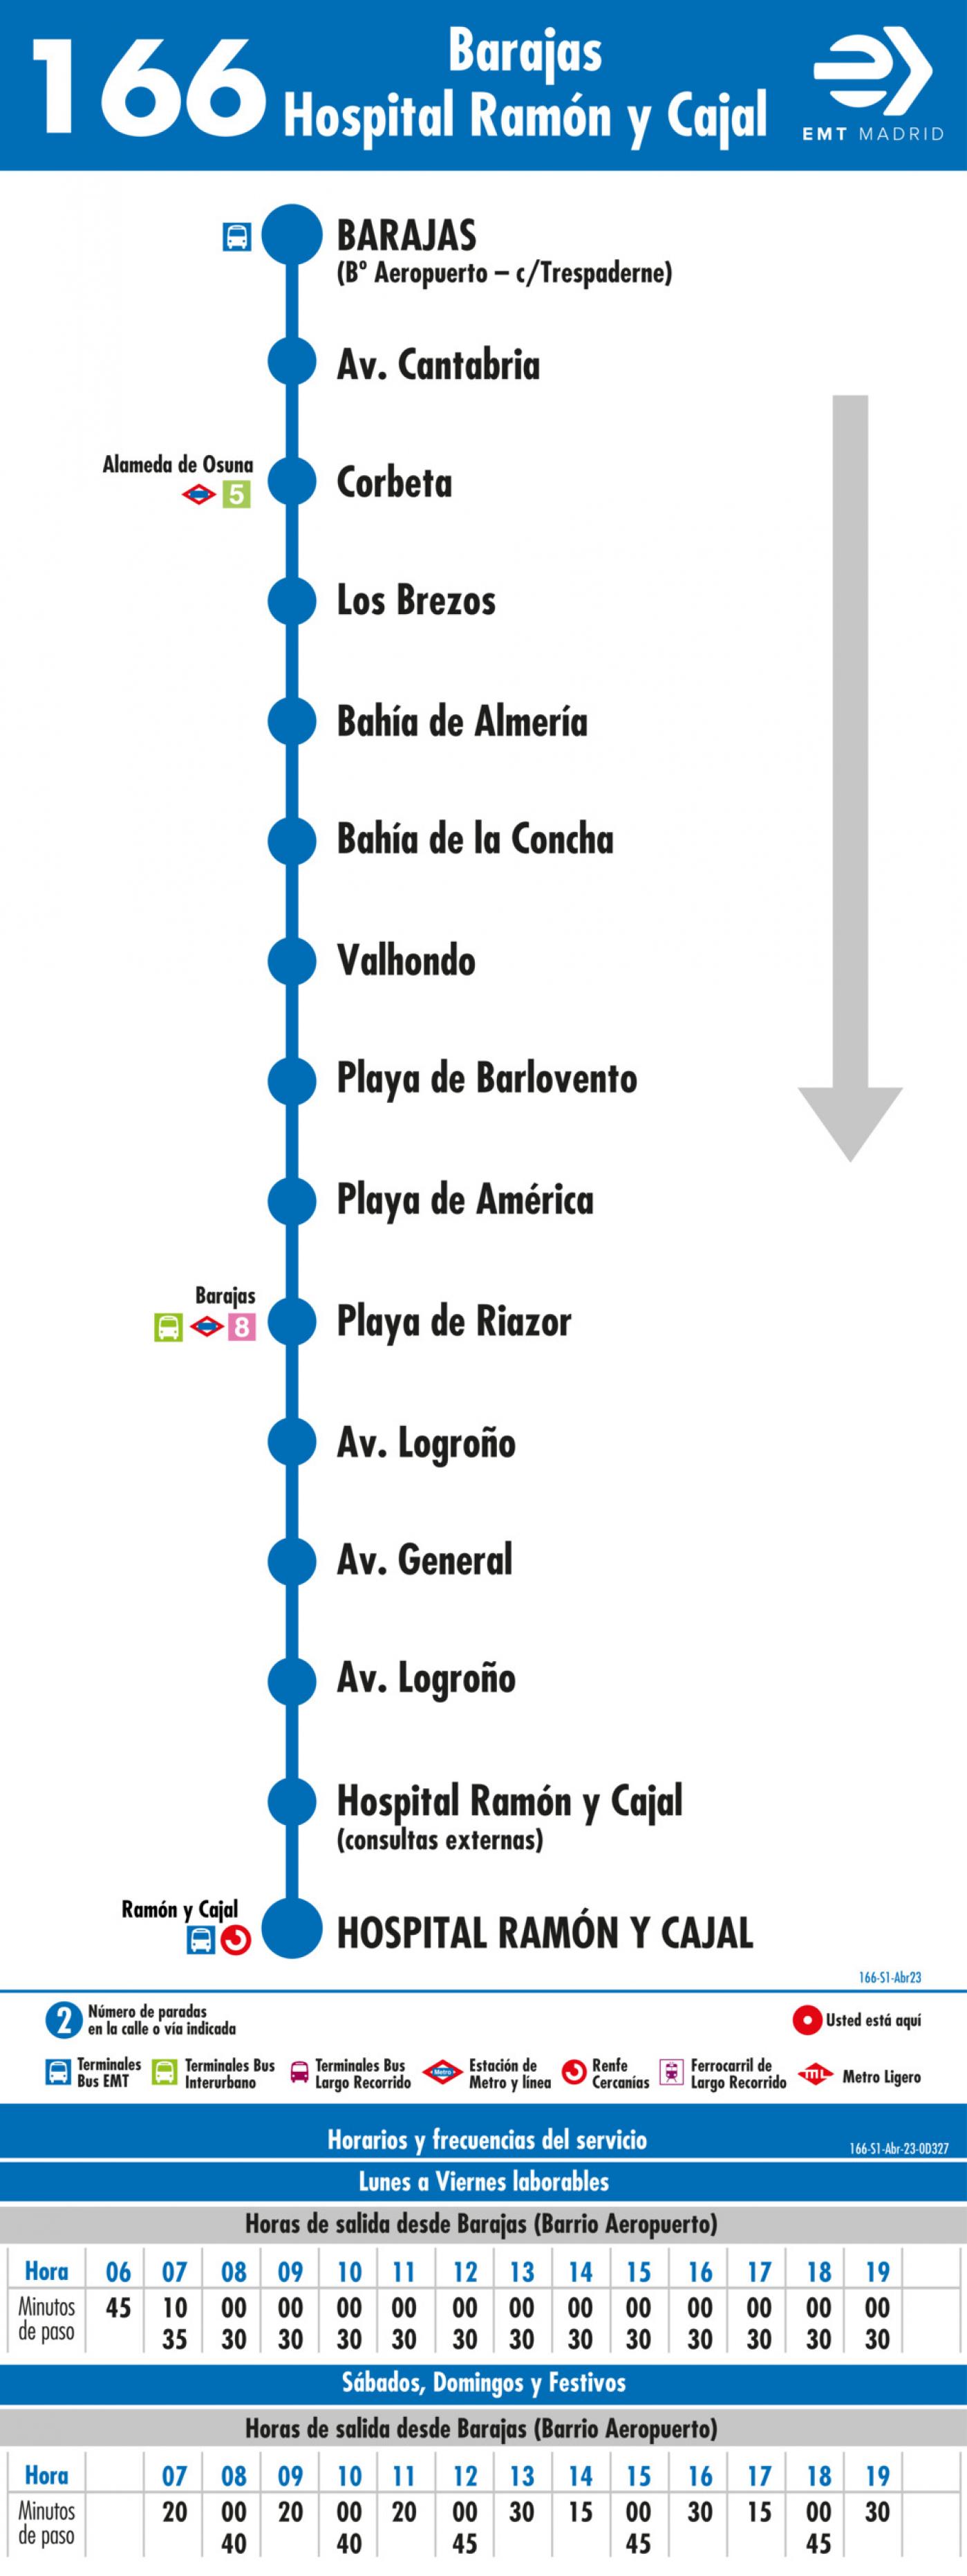 Tabla de horarios y frecuencias de paso en sentido ida Línea 166: Barajas - Hospital Ramón y Cajal